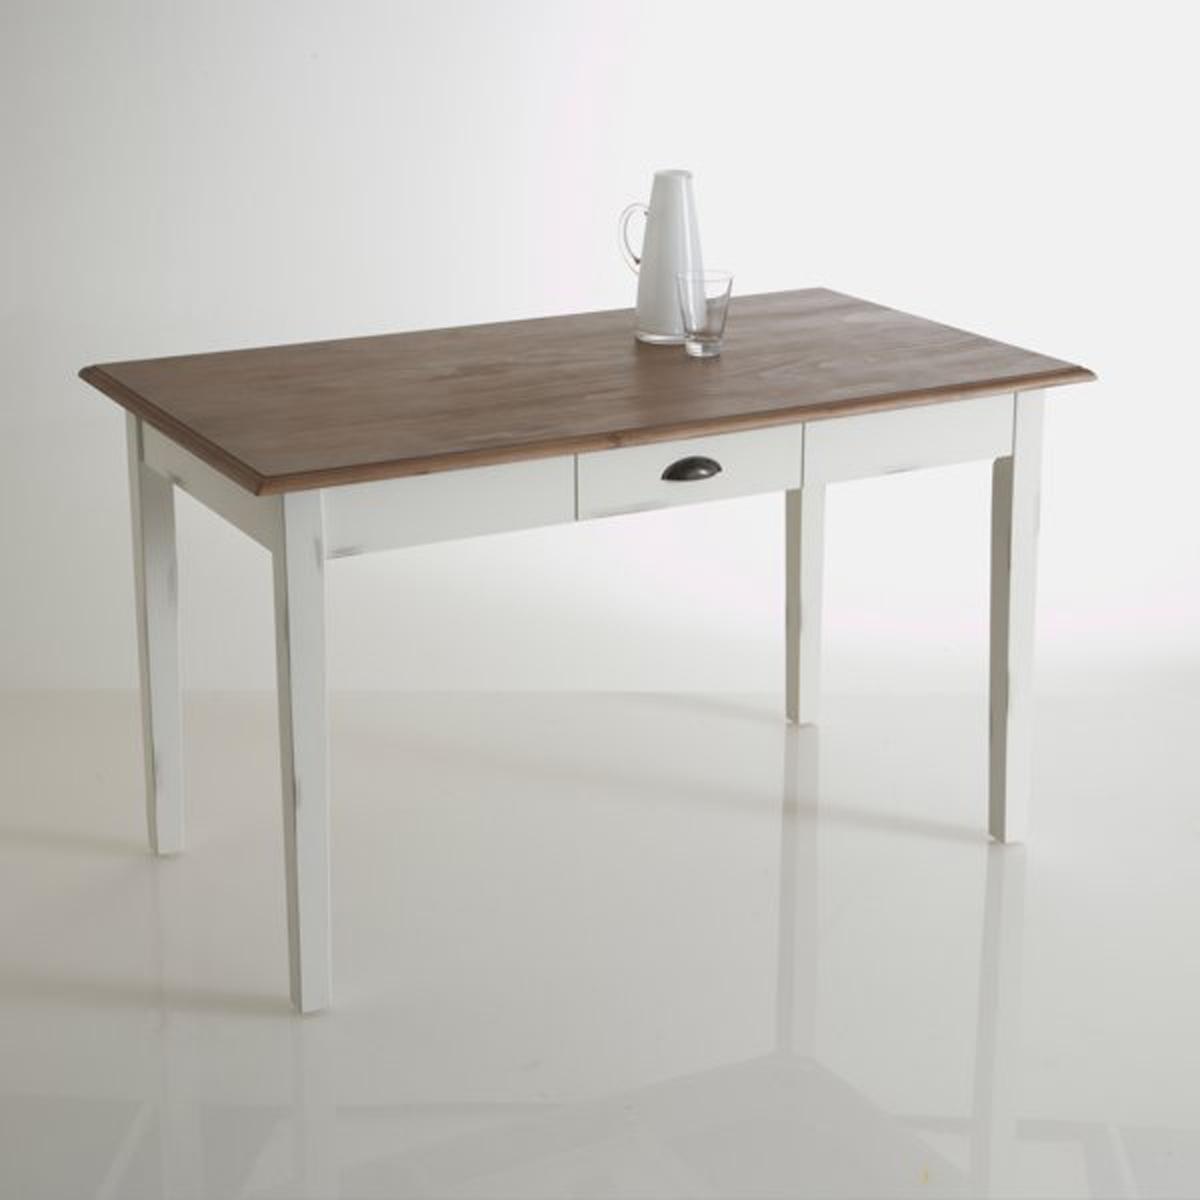 Стол La Redoute Для кухни из массива сосны на - персоны Roside 4 персоны белый стол письменный из массива сосны gaby